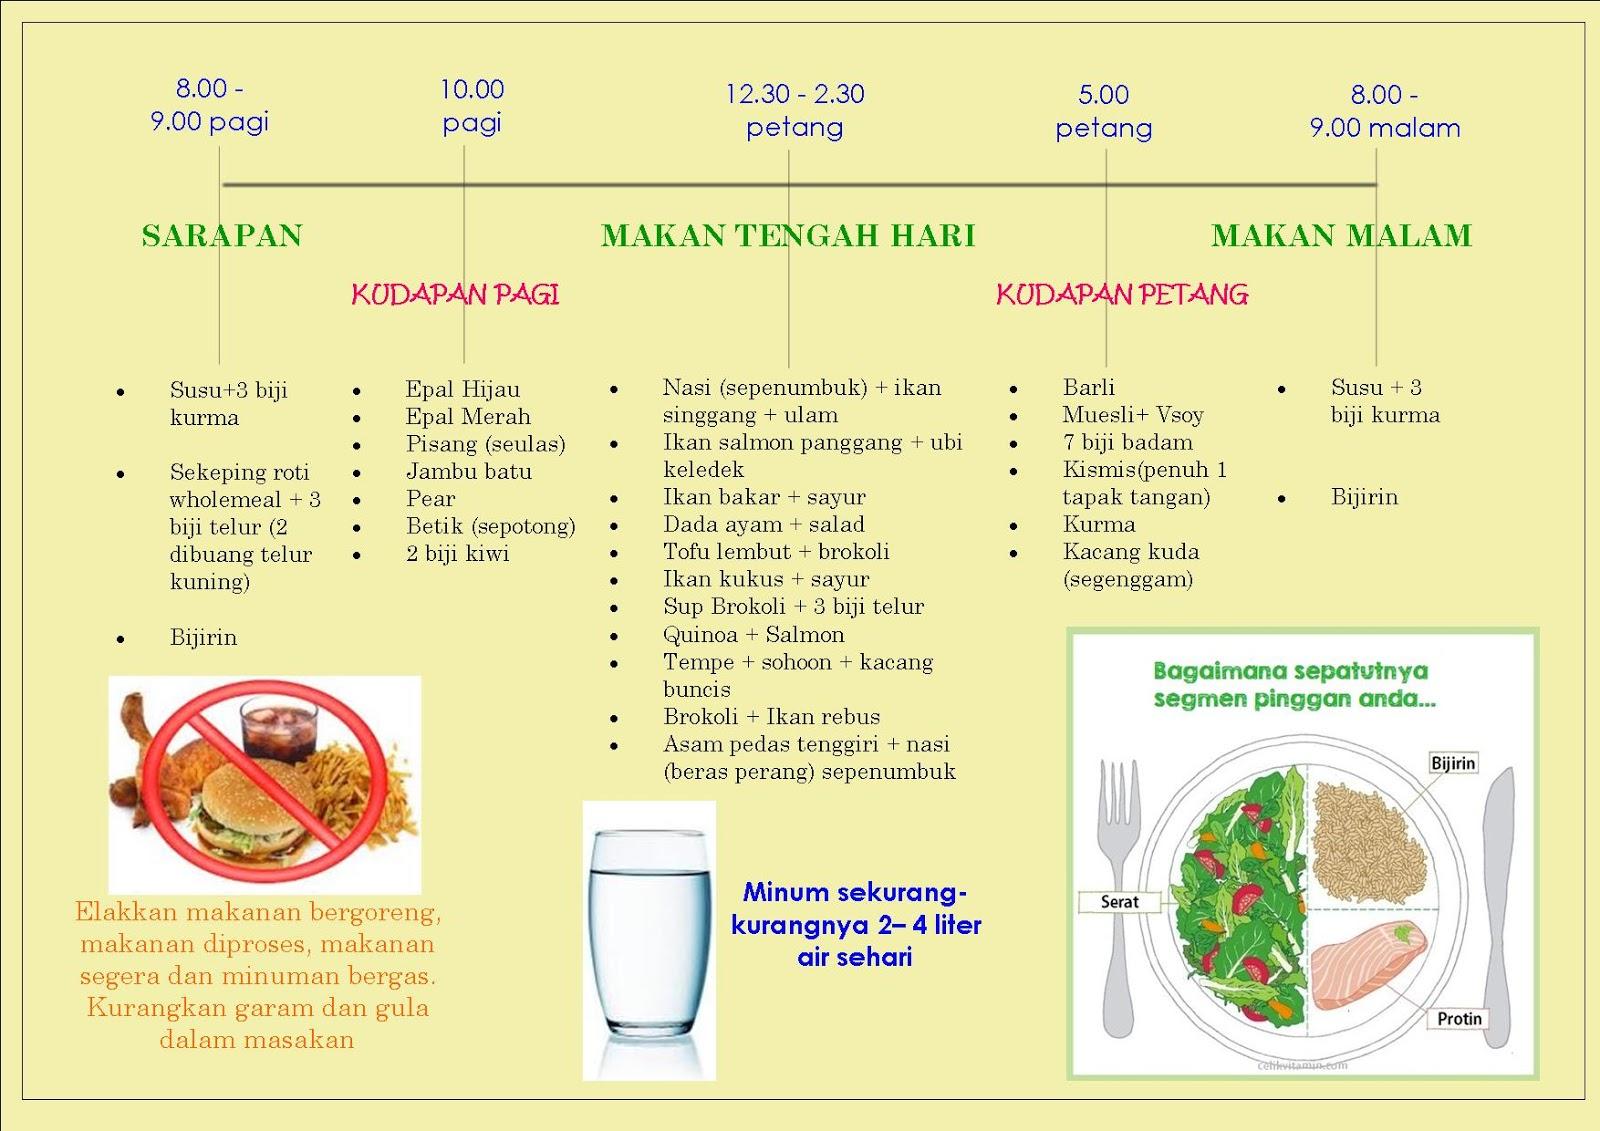 Langkah Dalam Rawatan Kesuburan Pn Siti Iiumfc Susu Milo 1 Kg Activ Go Malaysia Nak Kurus Memang Bukan Senang Yang Penting Usaha Kita Sihat Hokeh Bukannya Berat Badan Kena Idealfit